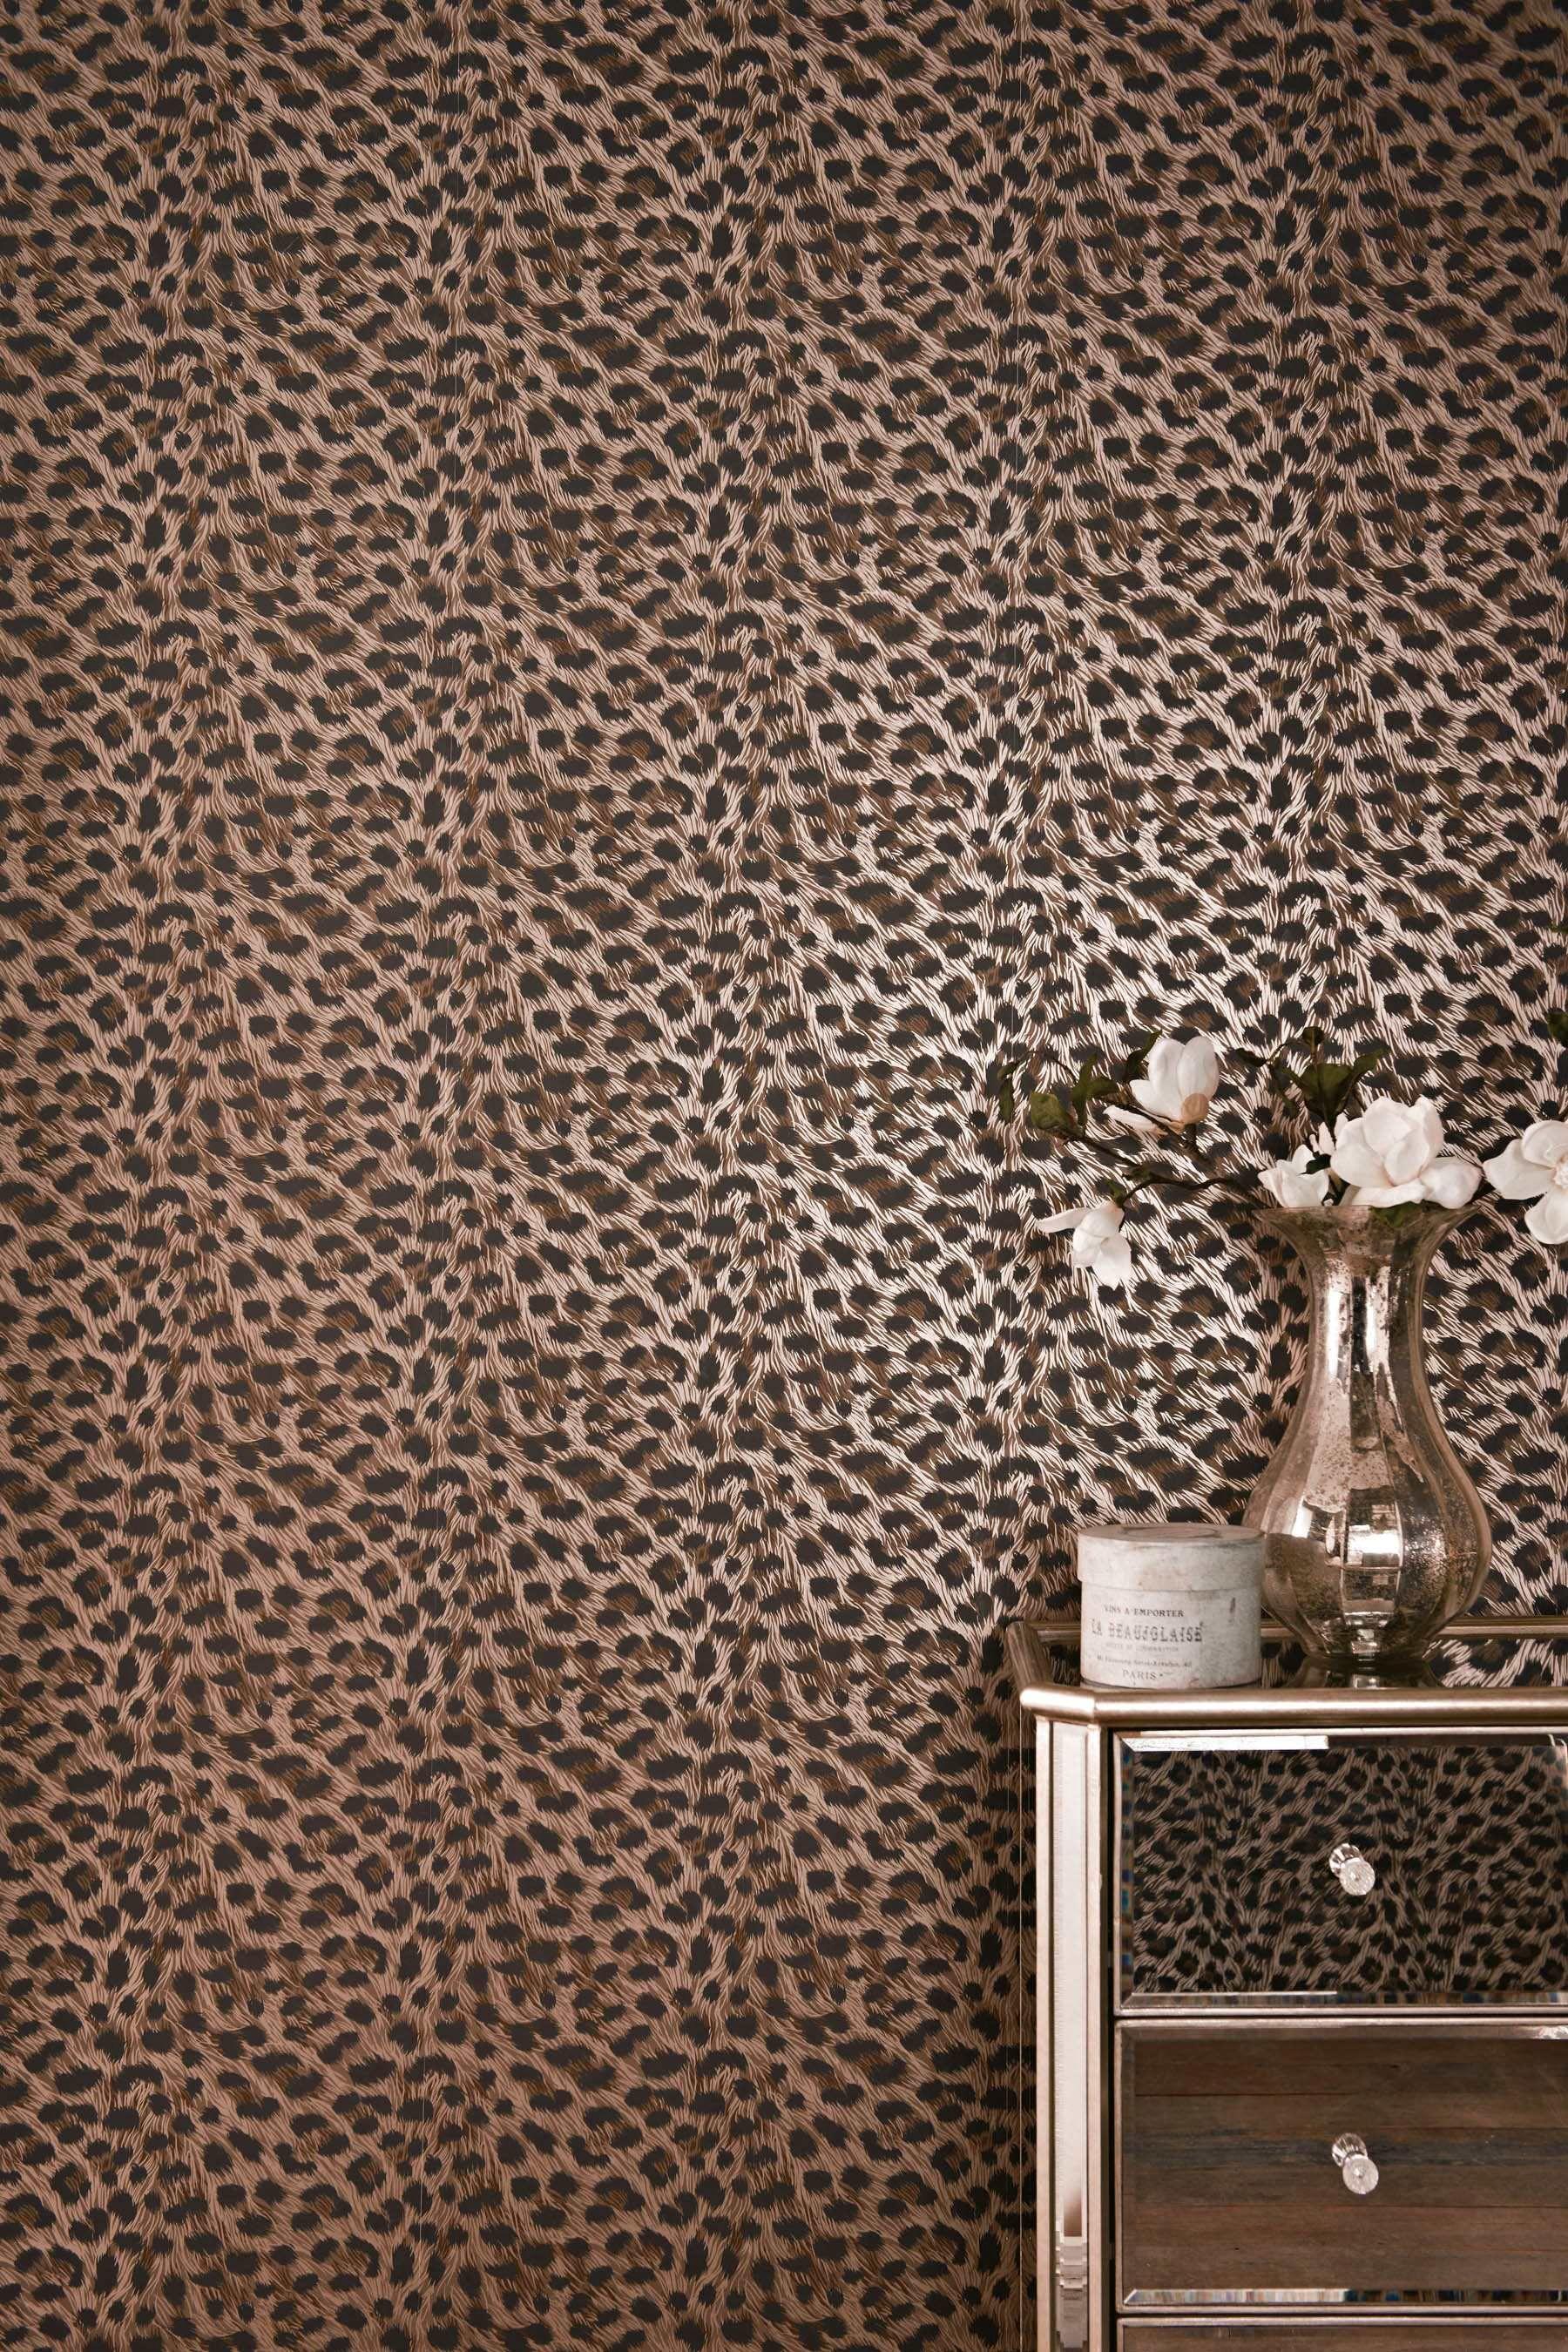 Wallpaper Wednesday Leopard Print Wallpaper From Next - Cheetah